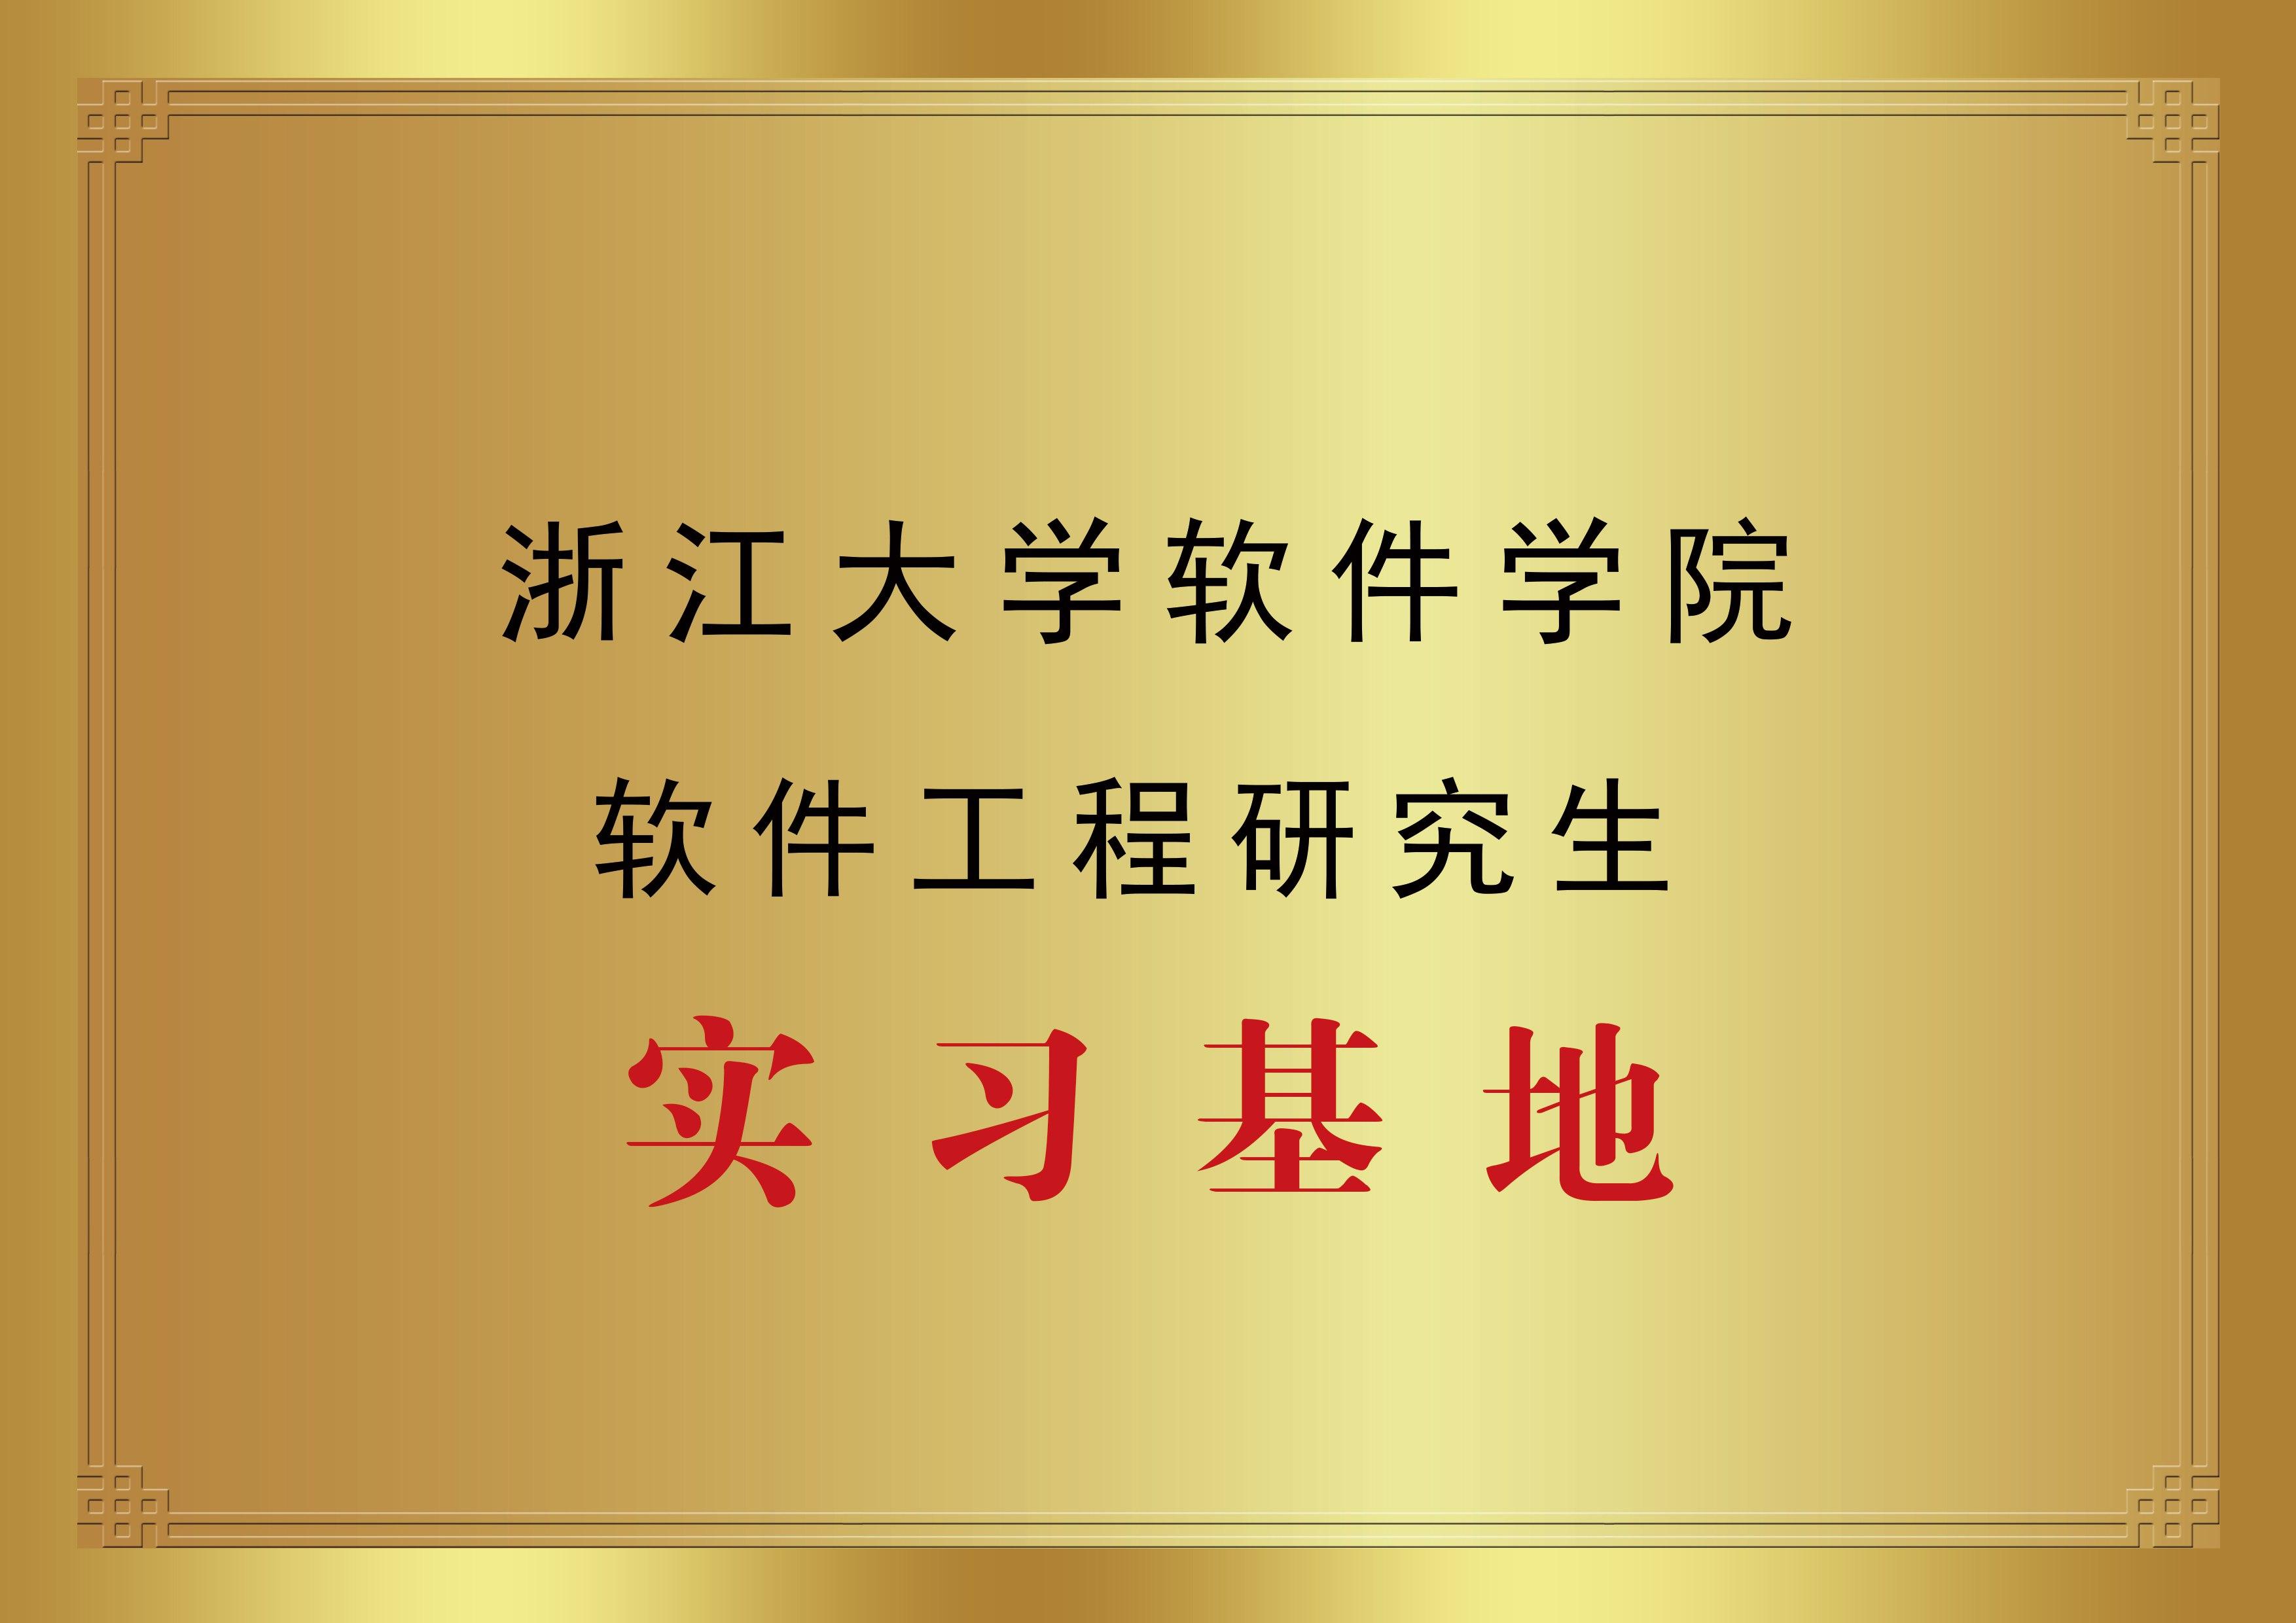 浙江大学软件学院软件工程研究生实习基地牌匾